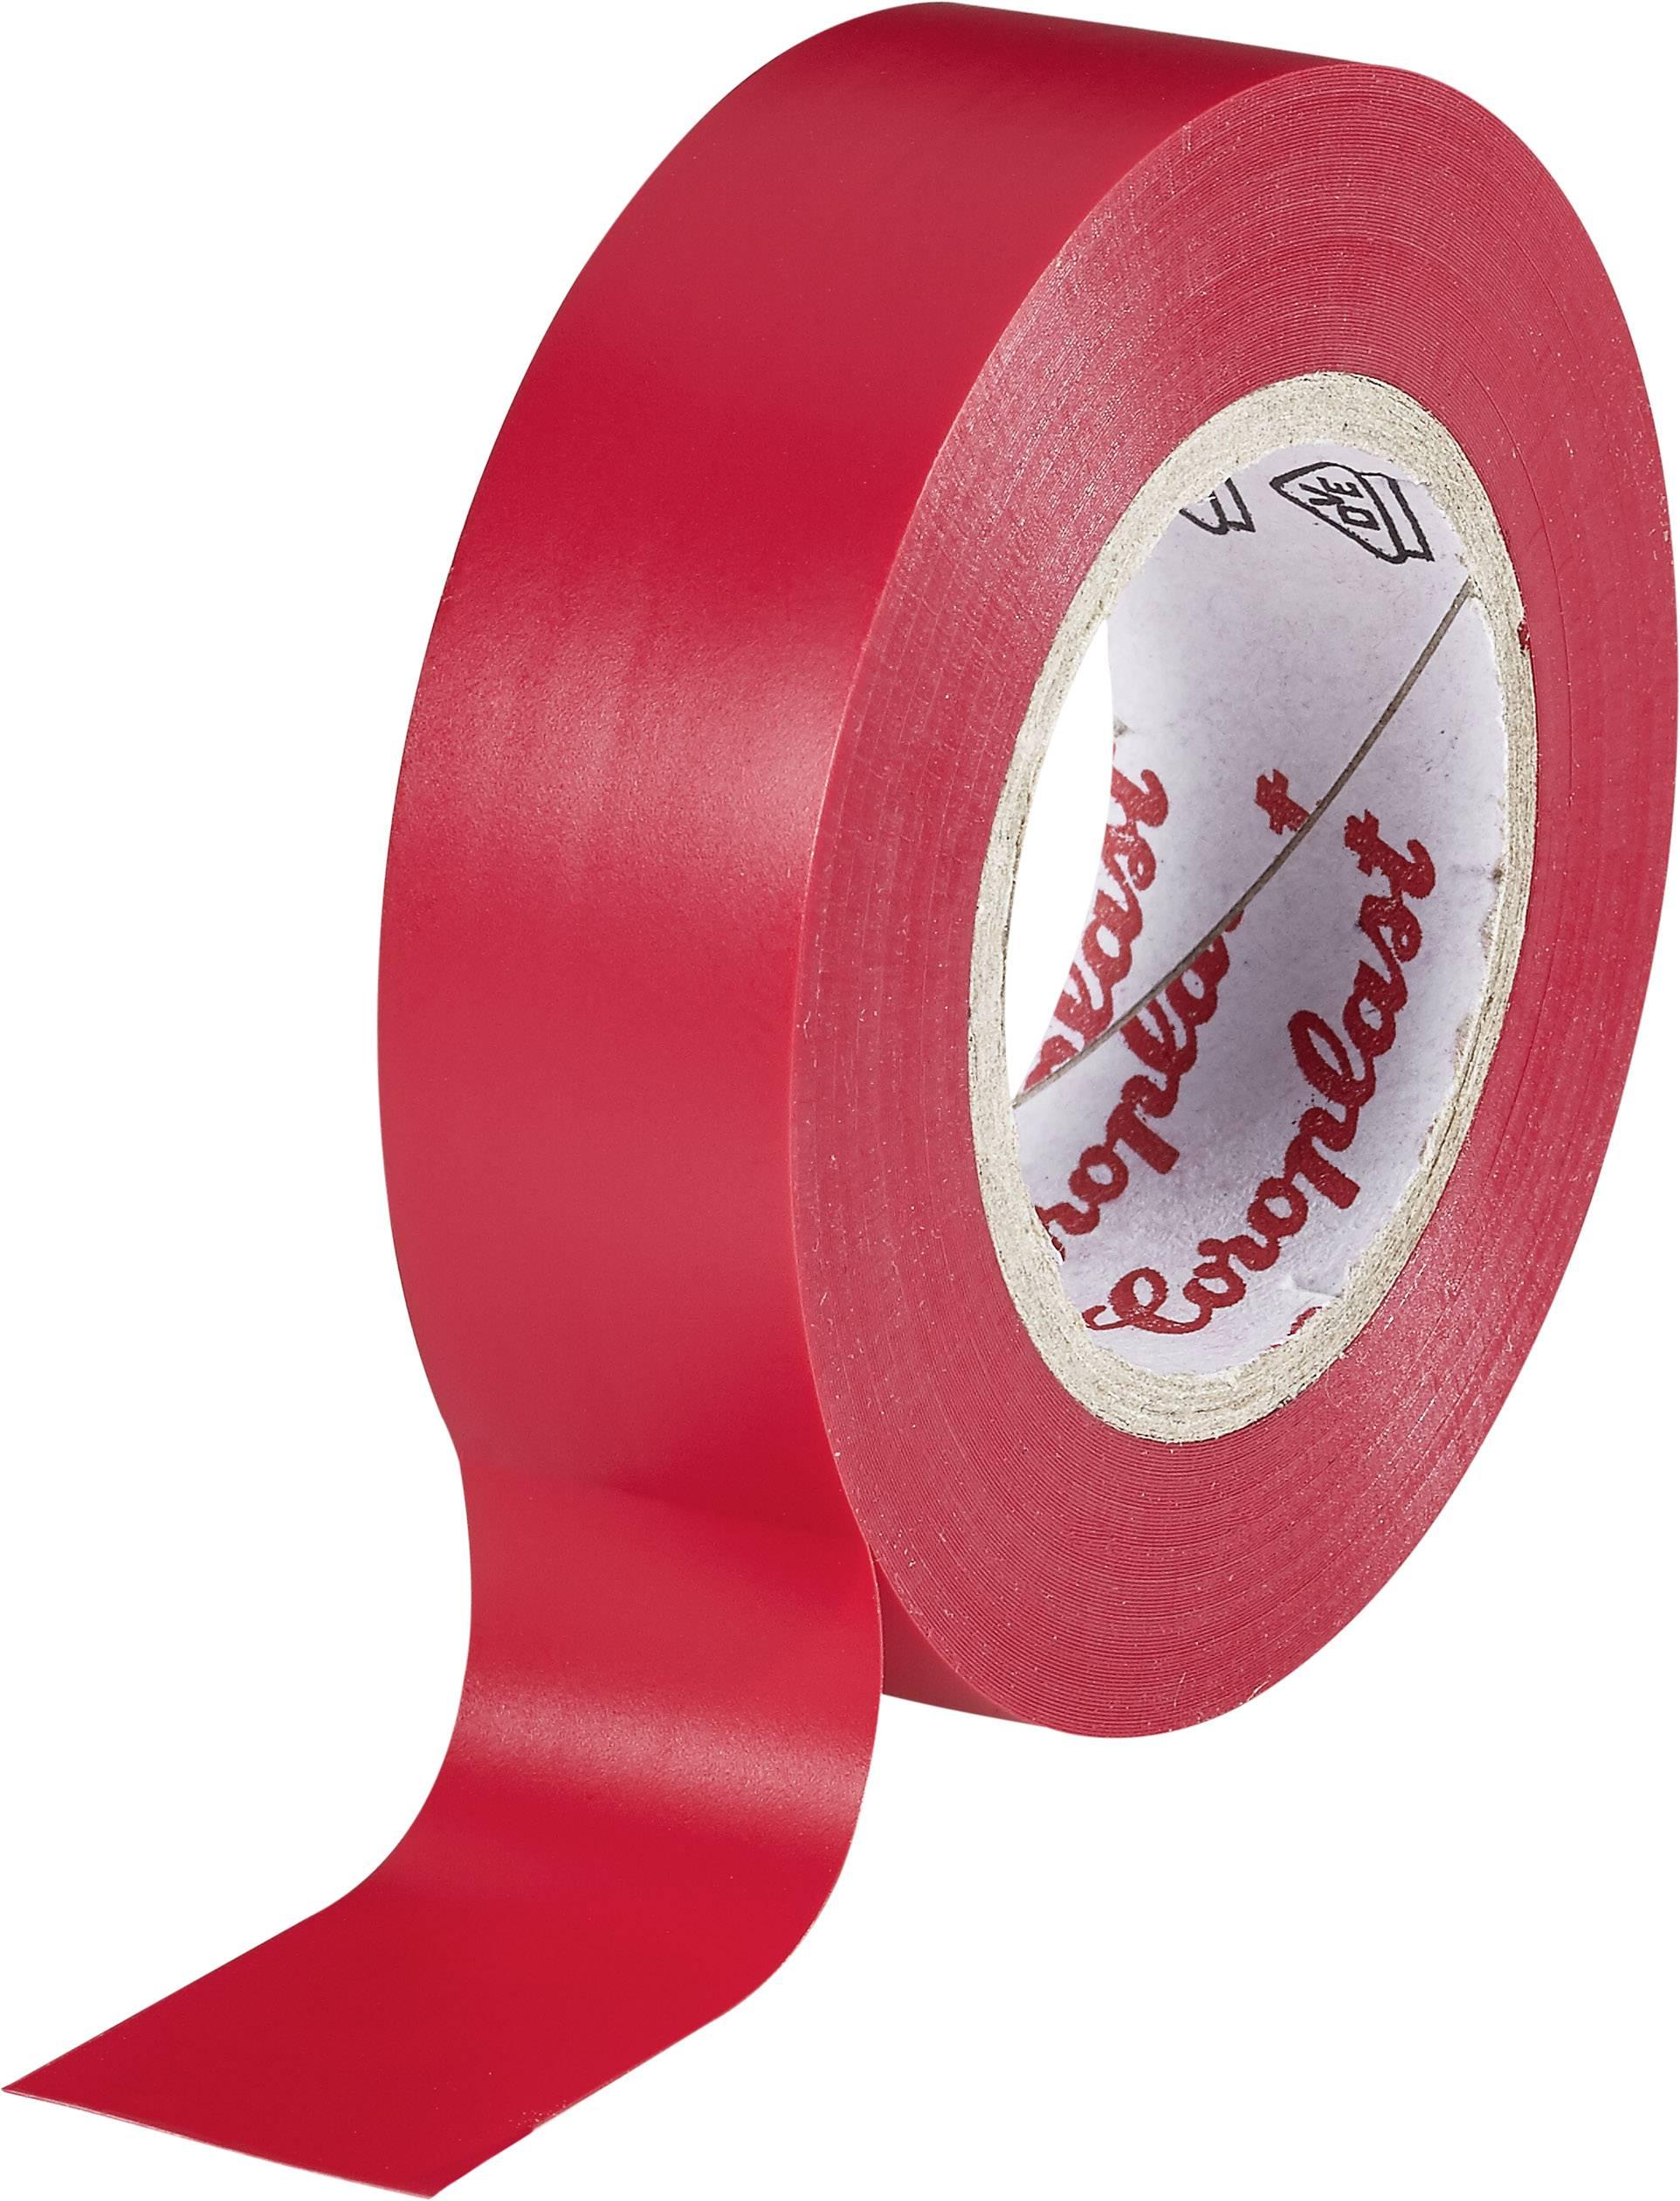 Izolačná páska Coroplast 302 302, (d x š) 10 m x 19 mm, červená, 1 roliek